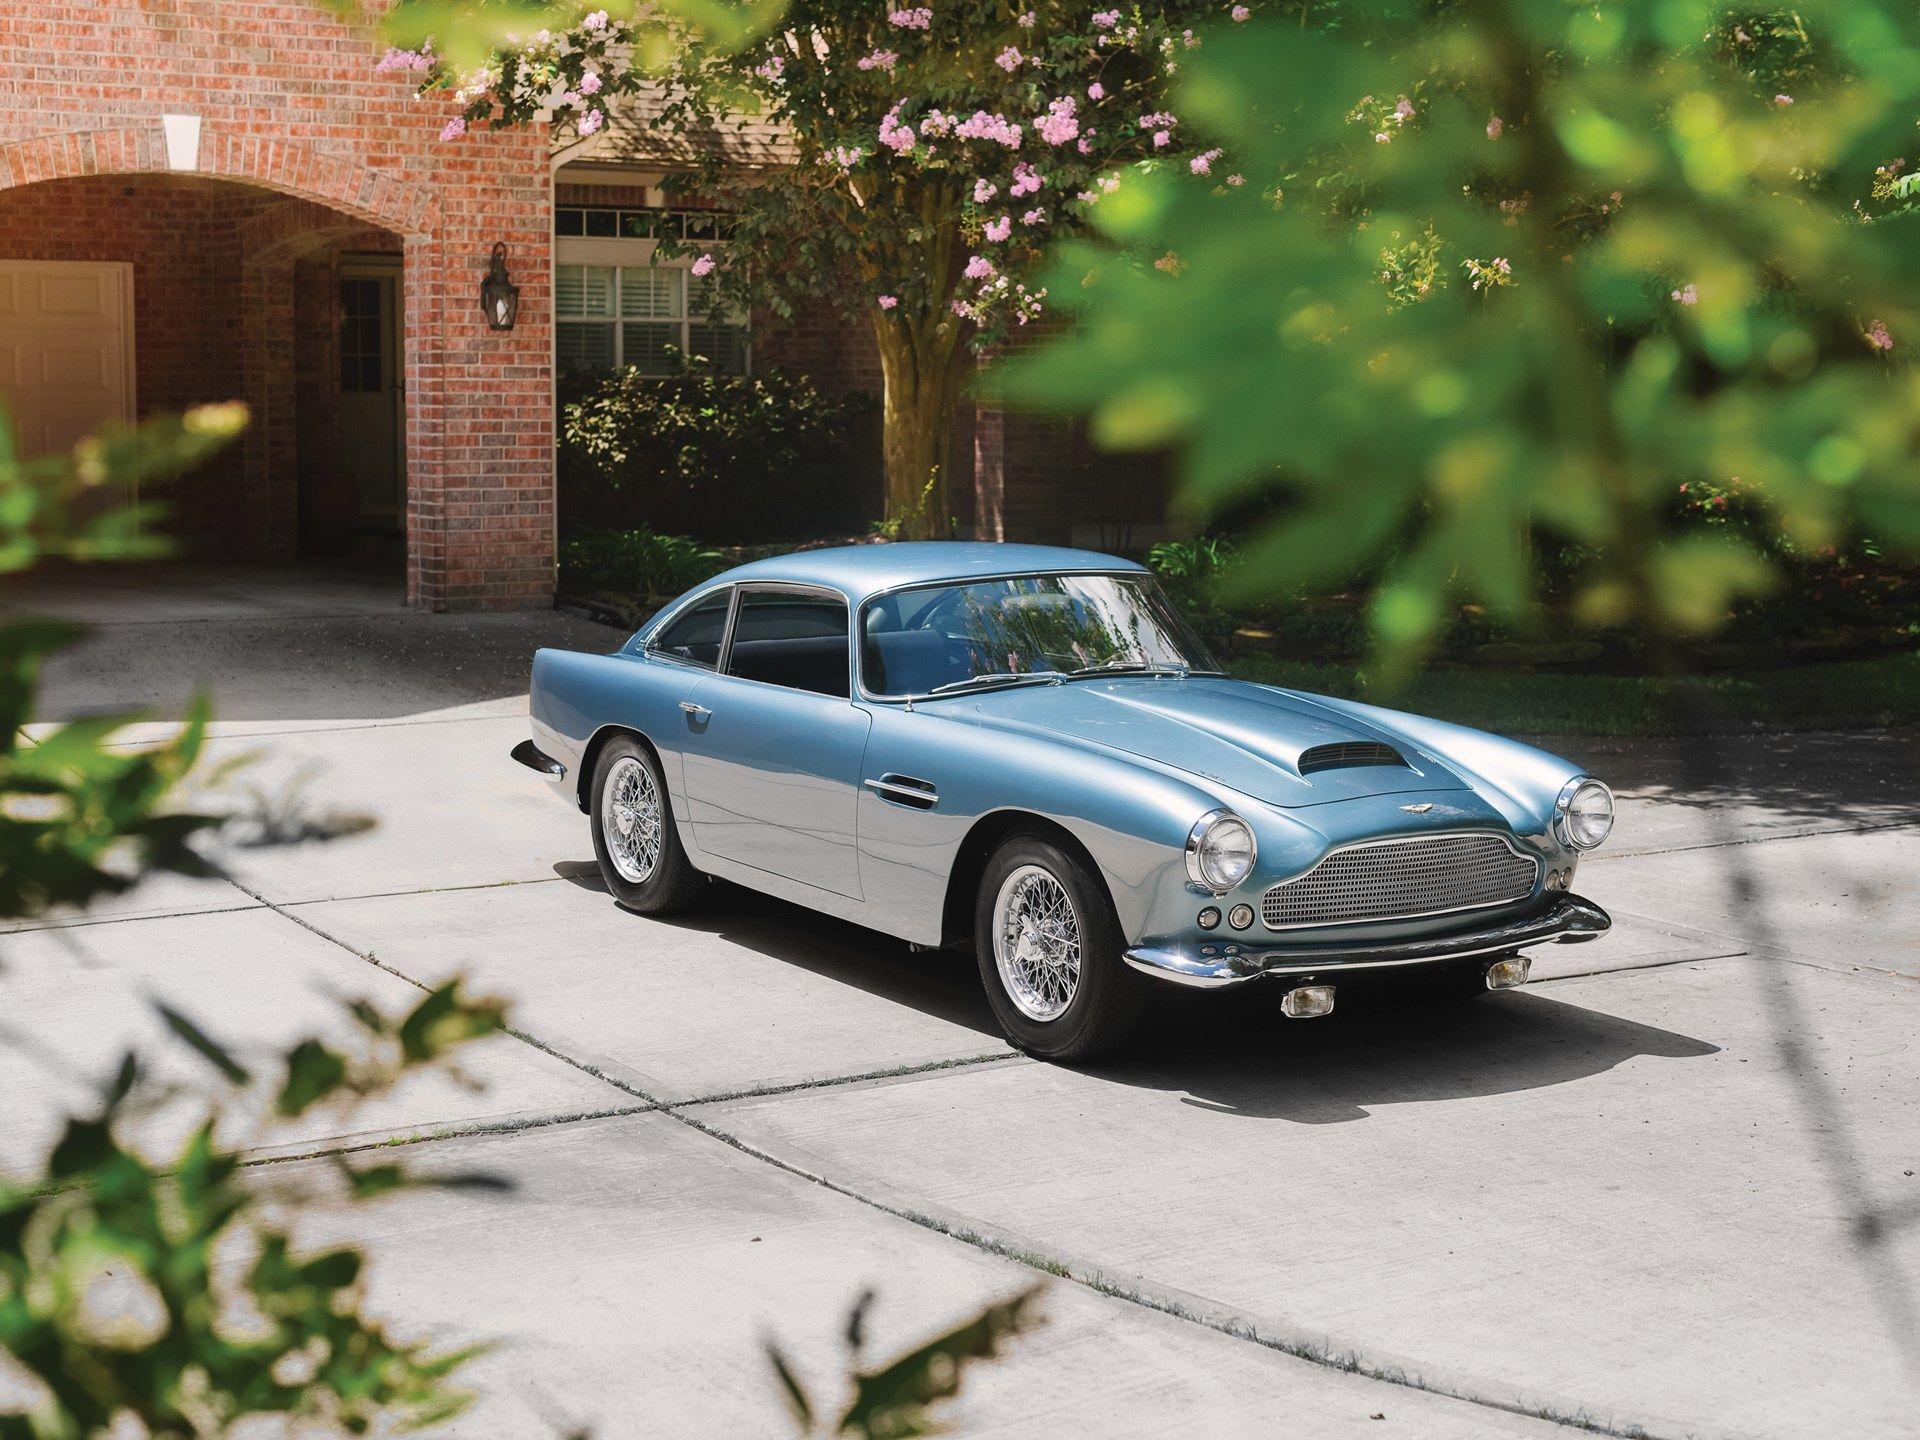 1961 Aston Martin Db4 Series Ii Vin Db4 580 L Classic Com